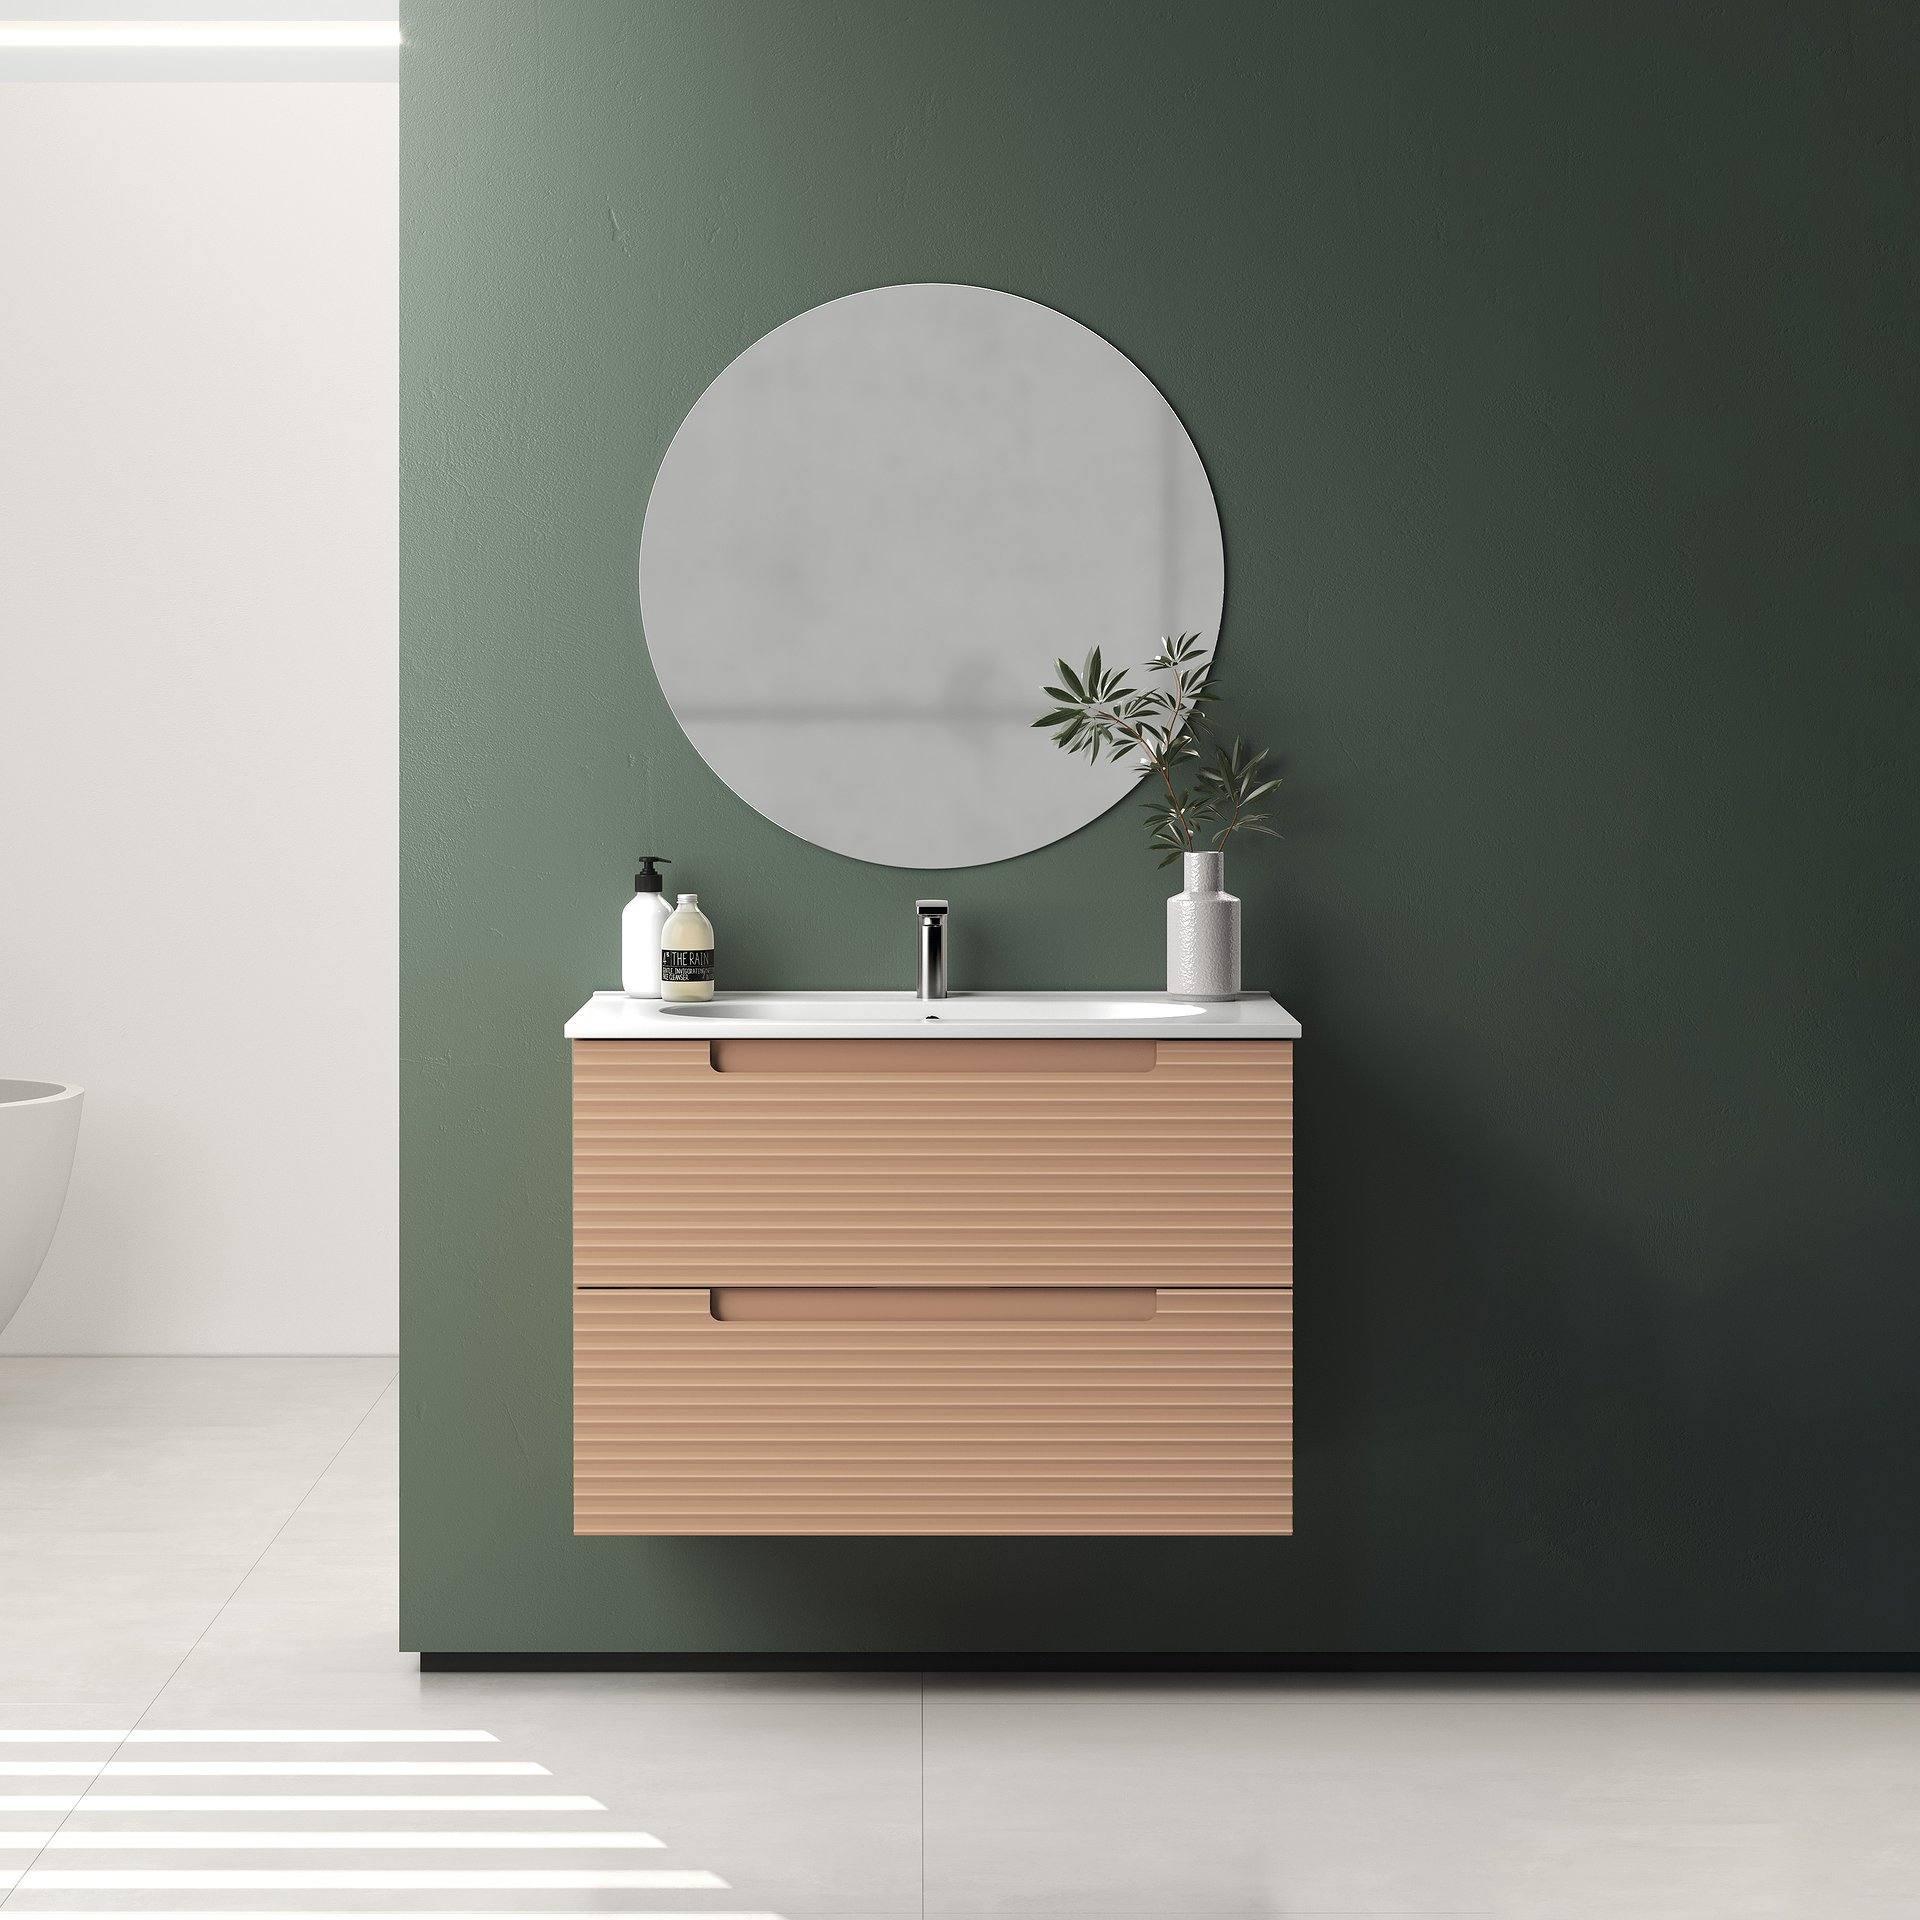 Conjunto mueble de baño en medidas de ancho de 60/80/100 cm x 46 cm de fondo x 55 cm de alto. Incluye lavabo modelo Flat o Ada  de cerámica